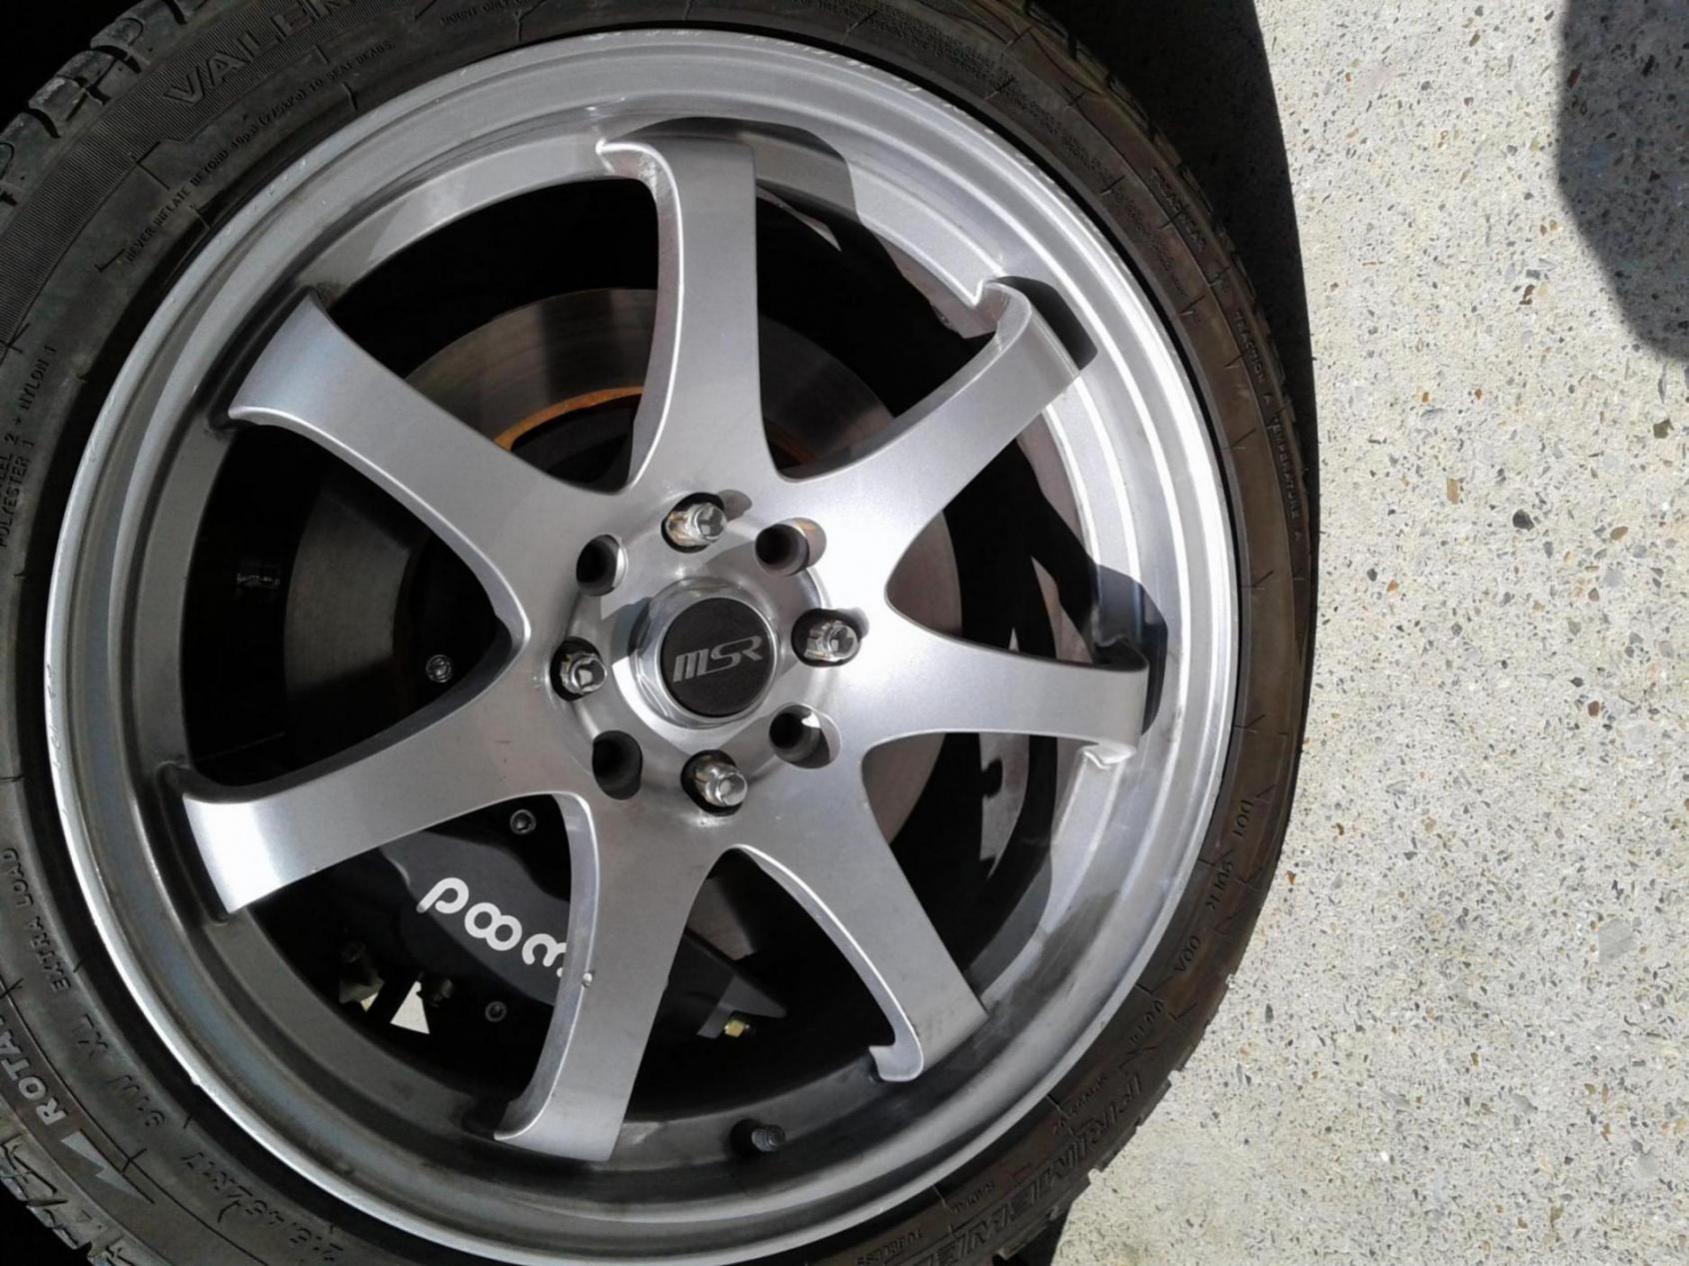 Wildwood Plus 2 front brake kit-20170925_112611_1506363339684.jpg